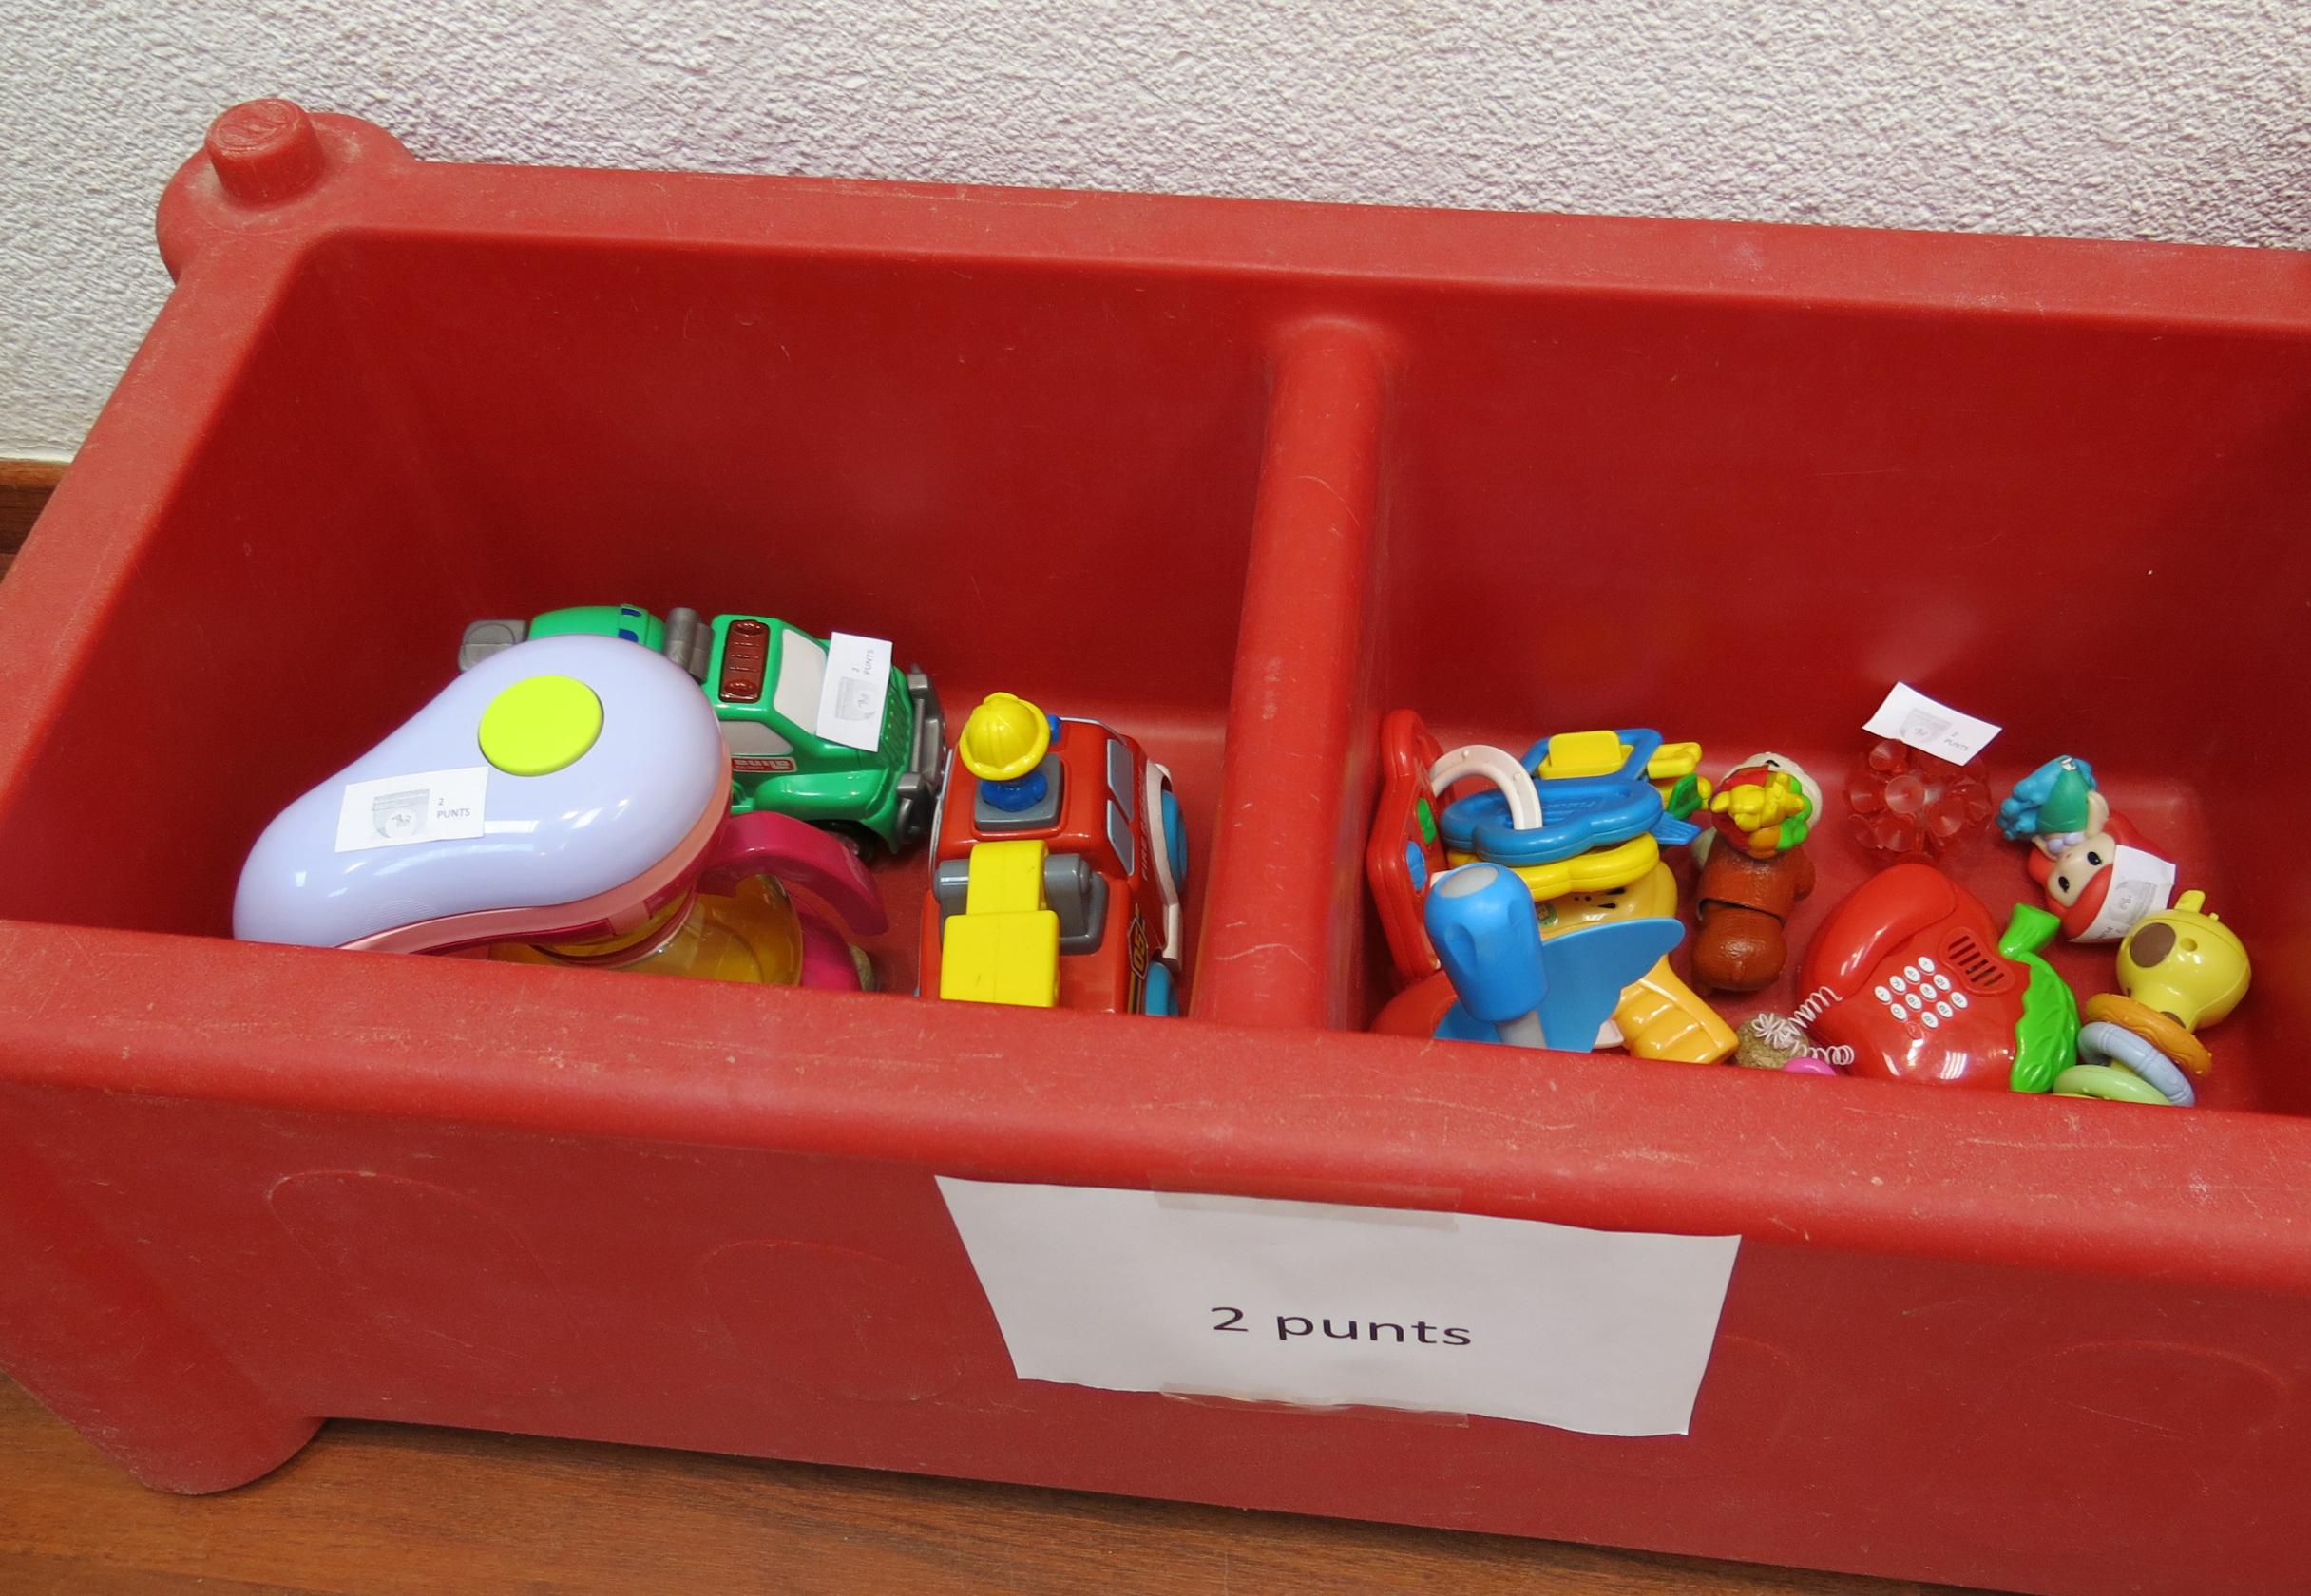 El Ayuntamiento de Barcelona propone intercambiar los juguetes.